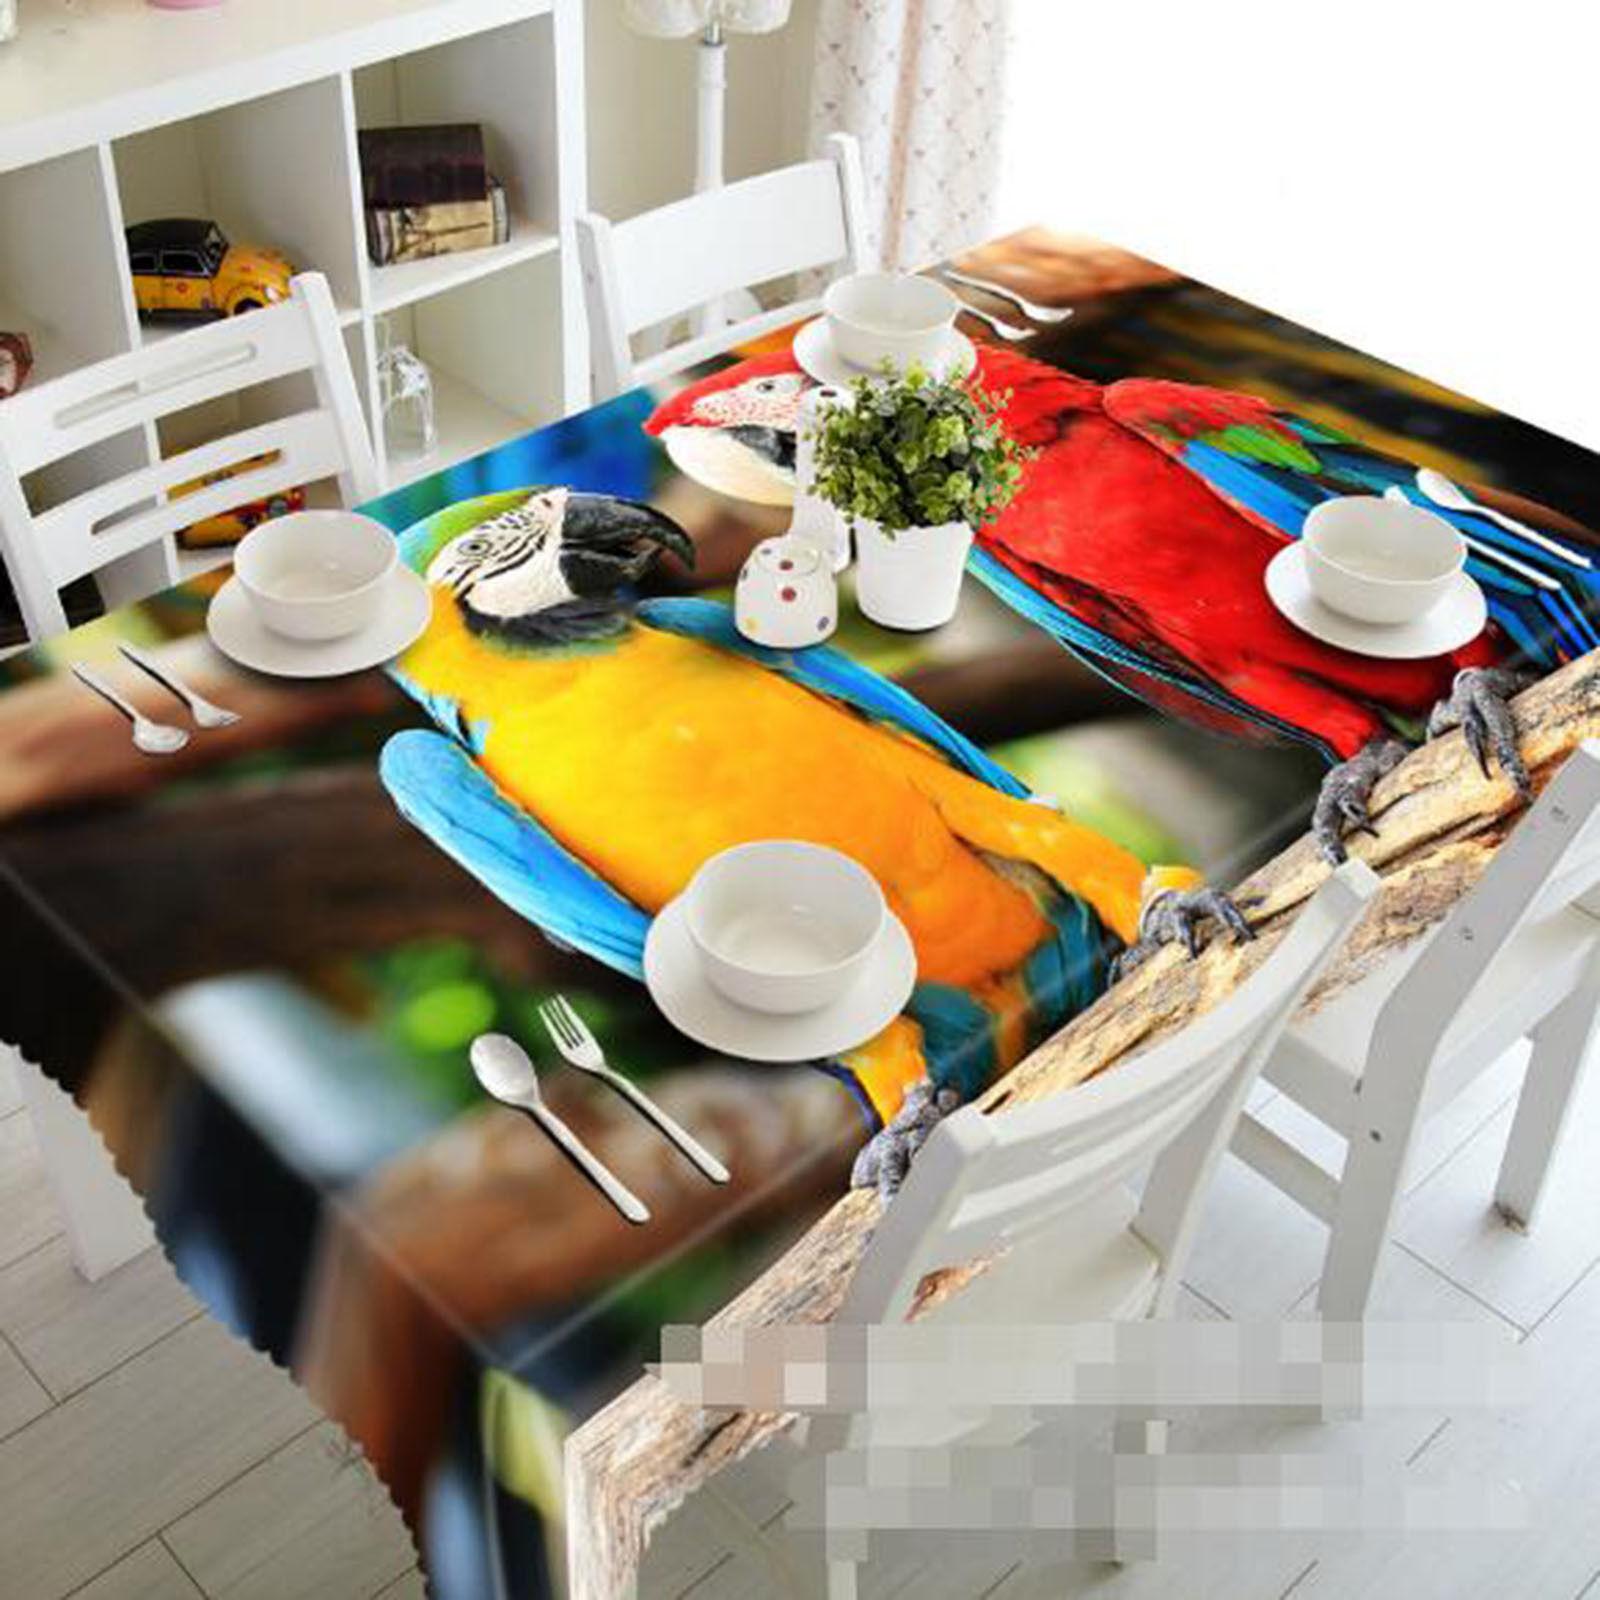 3D Parrouge 54 Nappe Table Cover Cloth fête d'anniversaire AJ papier peint Royaume-Uni Citron